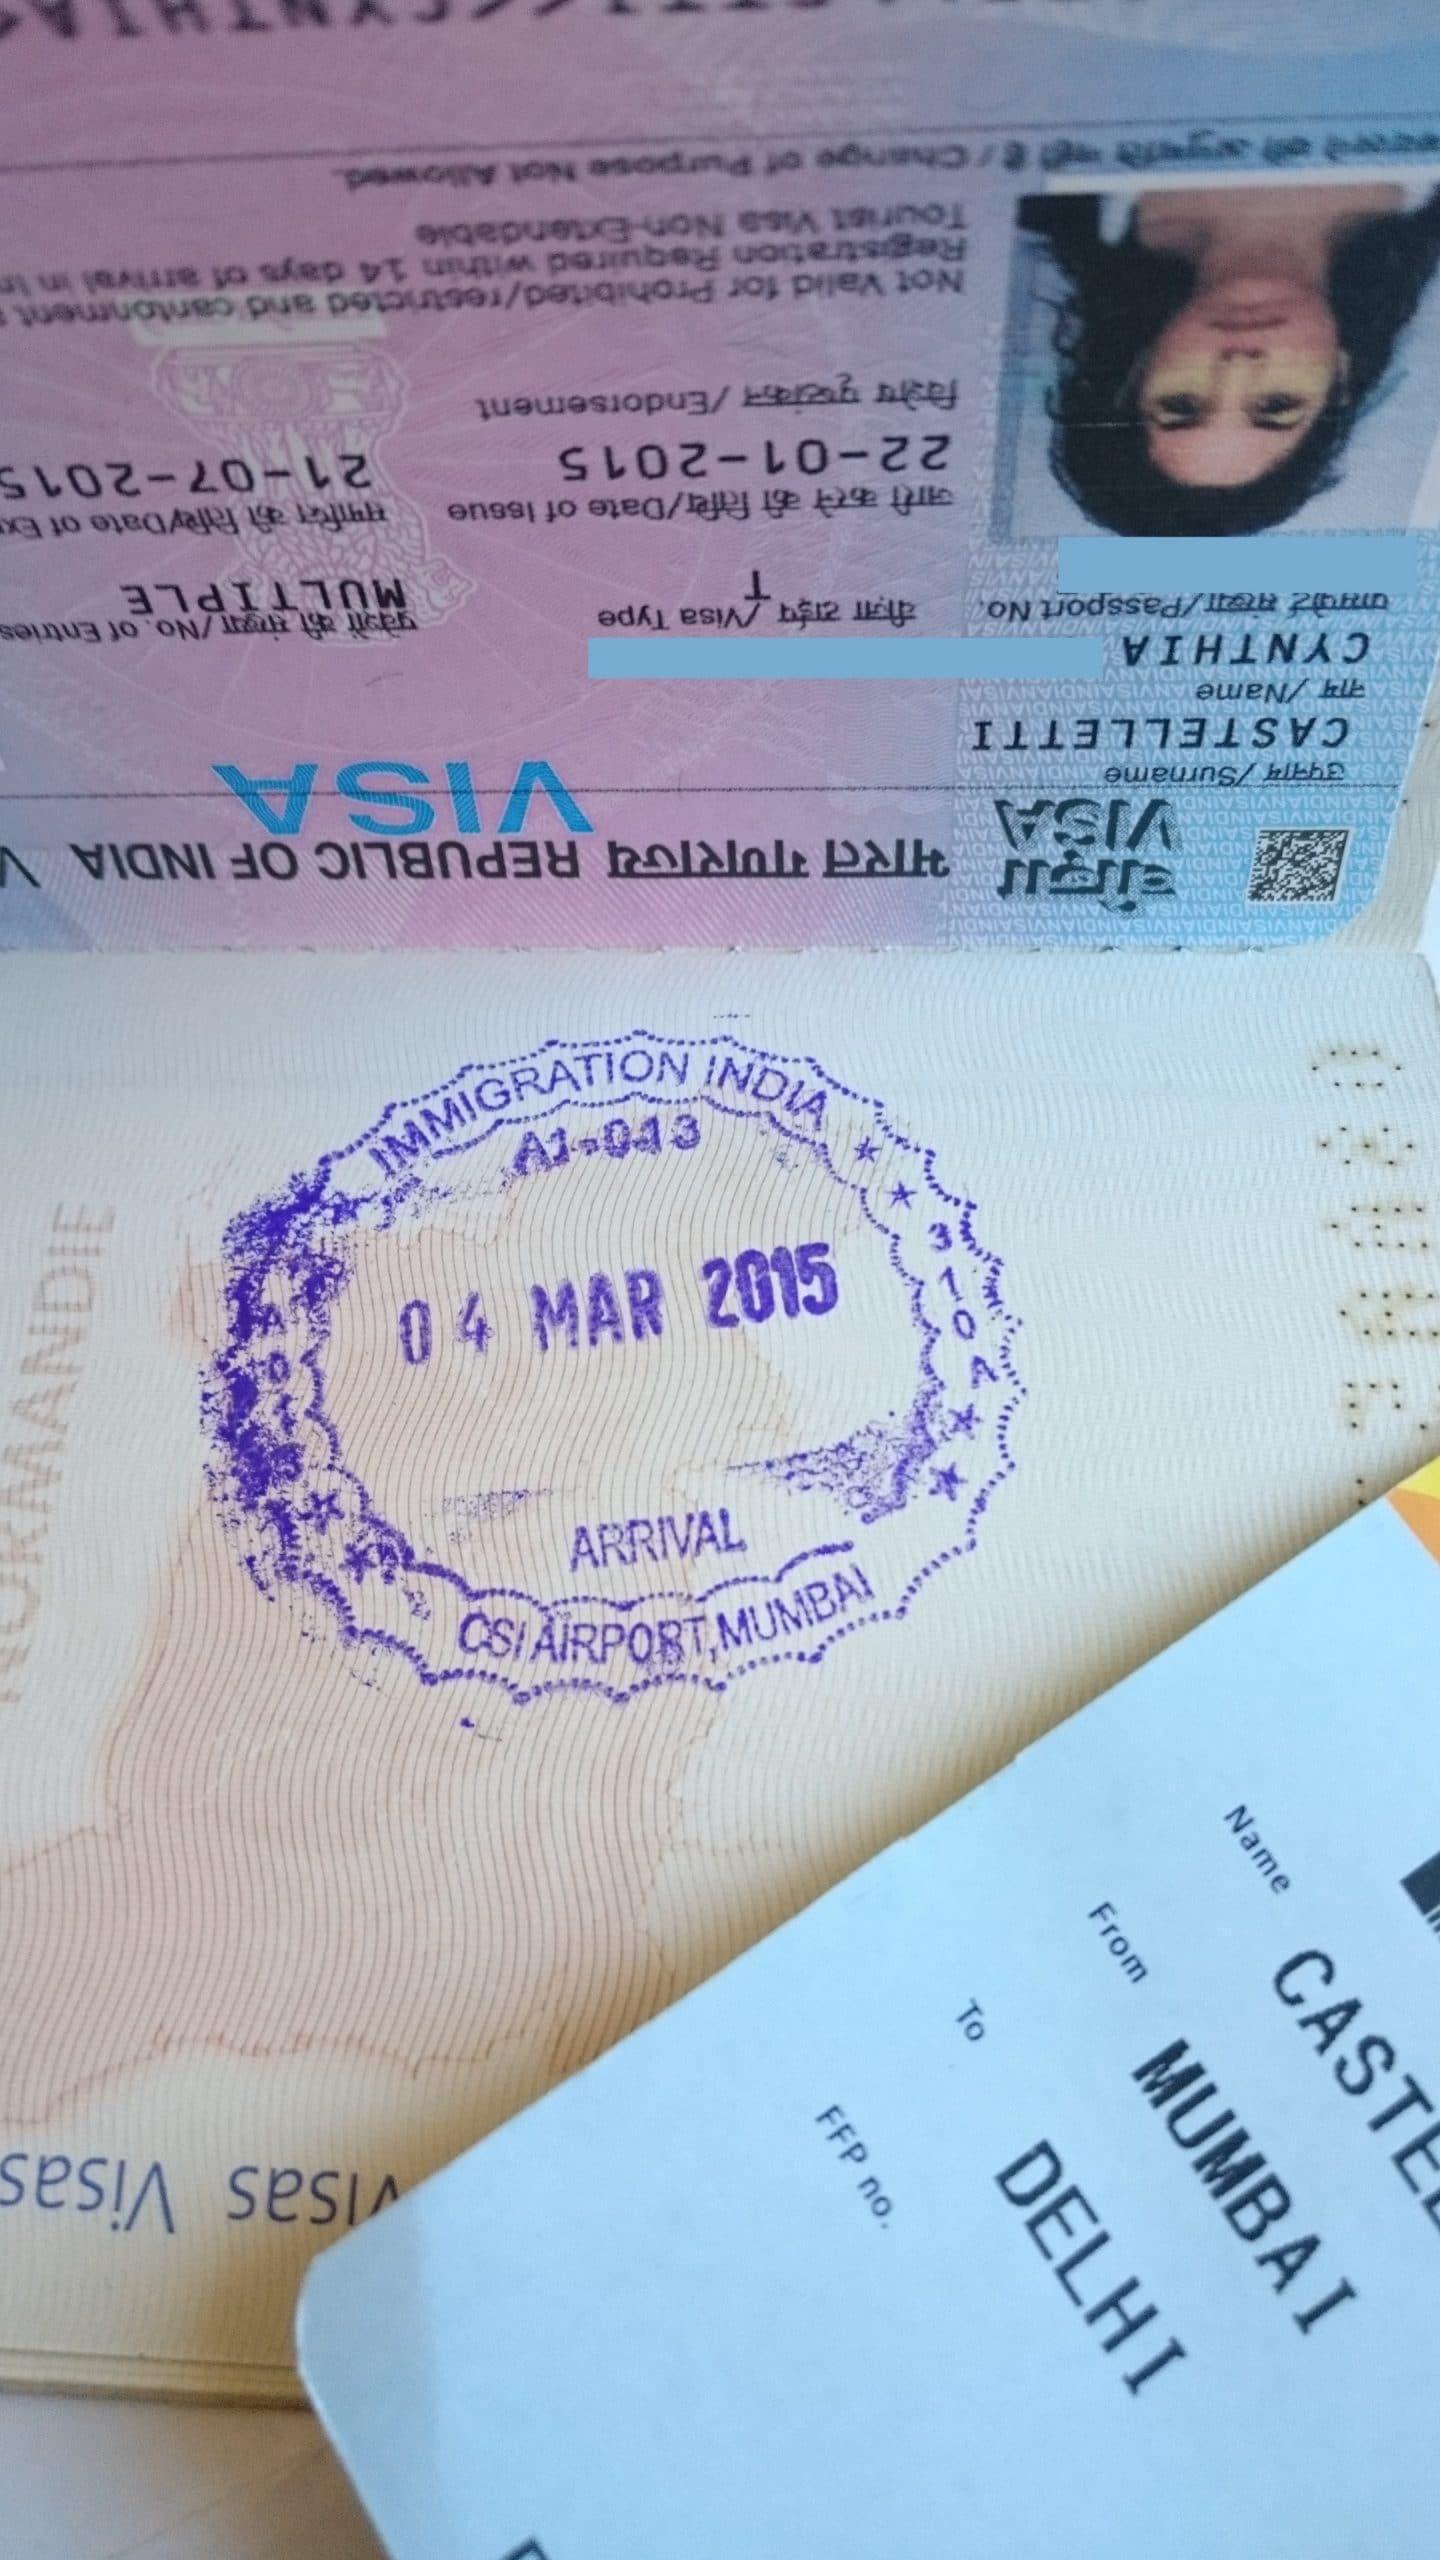 visa tourisme Inde et billet d'avion de Mumbai à Delhi avec tampon du visa sur le Passeport